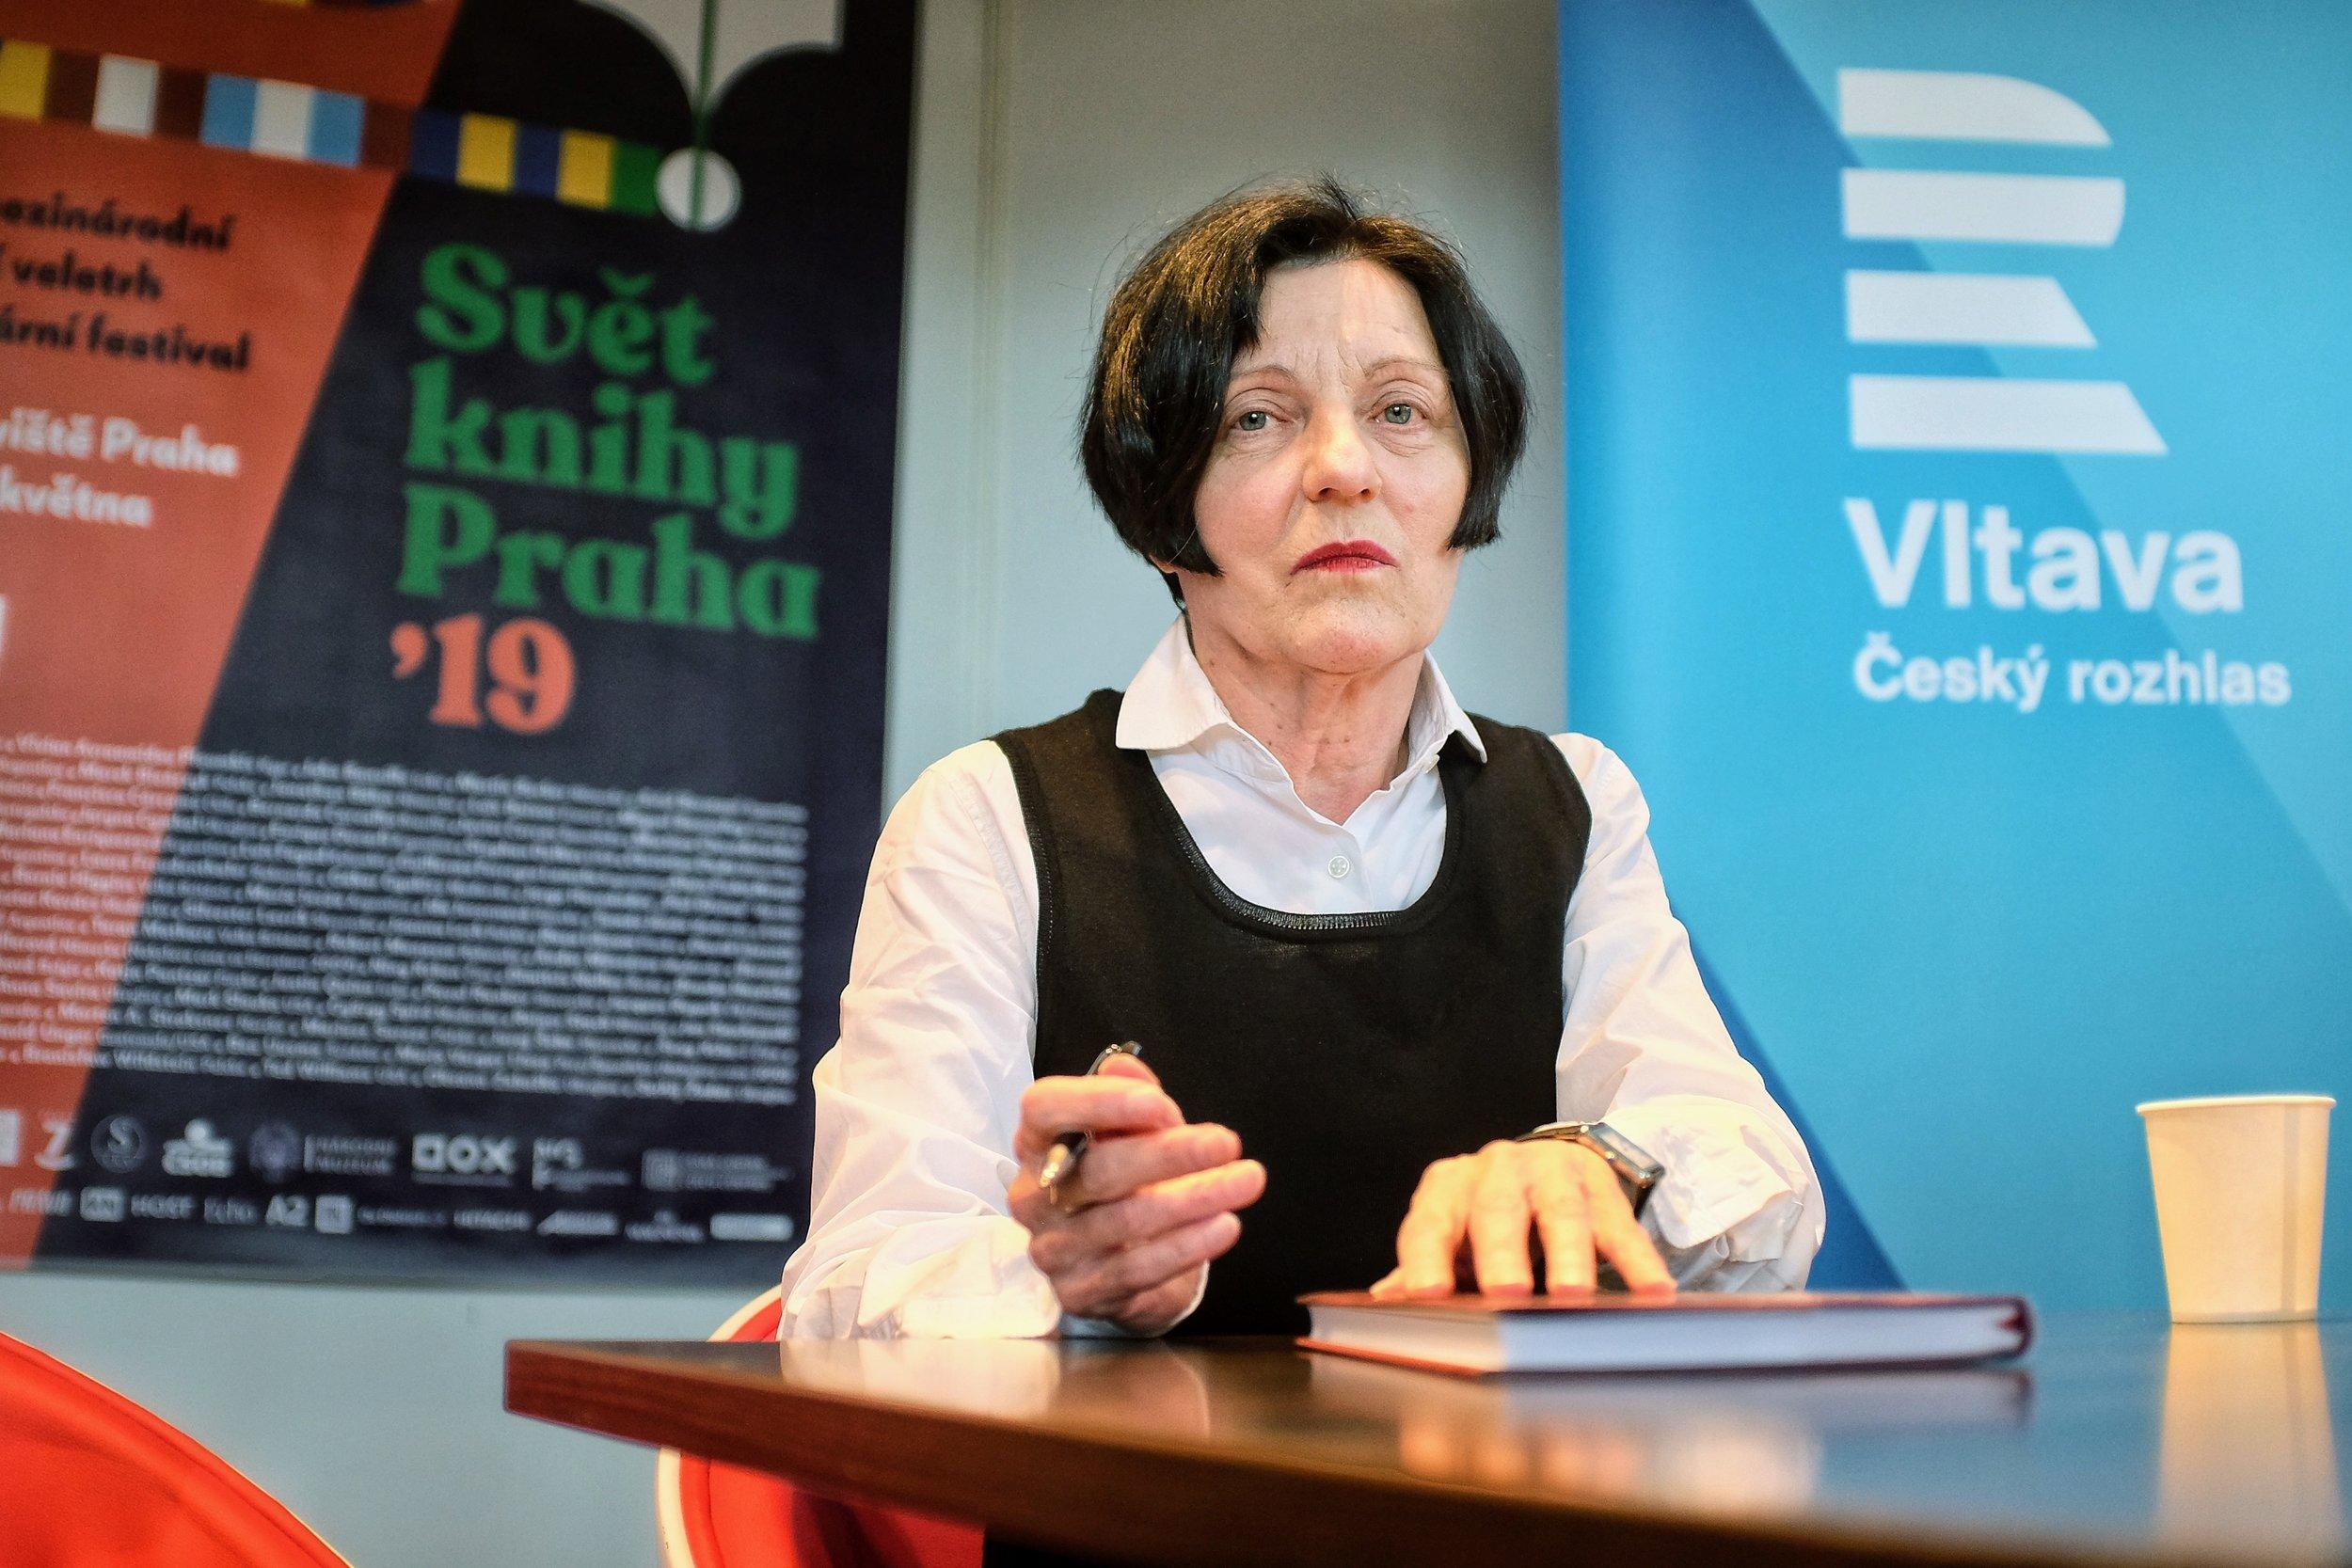 Herta Müller, Svět knihy 2019